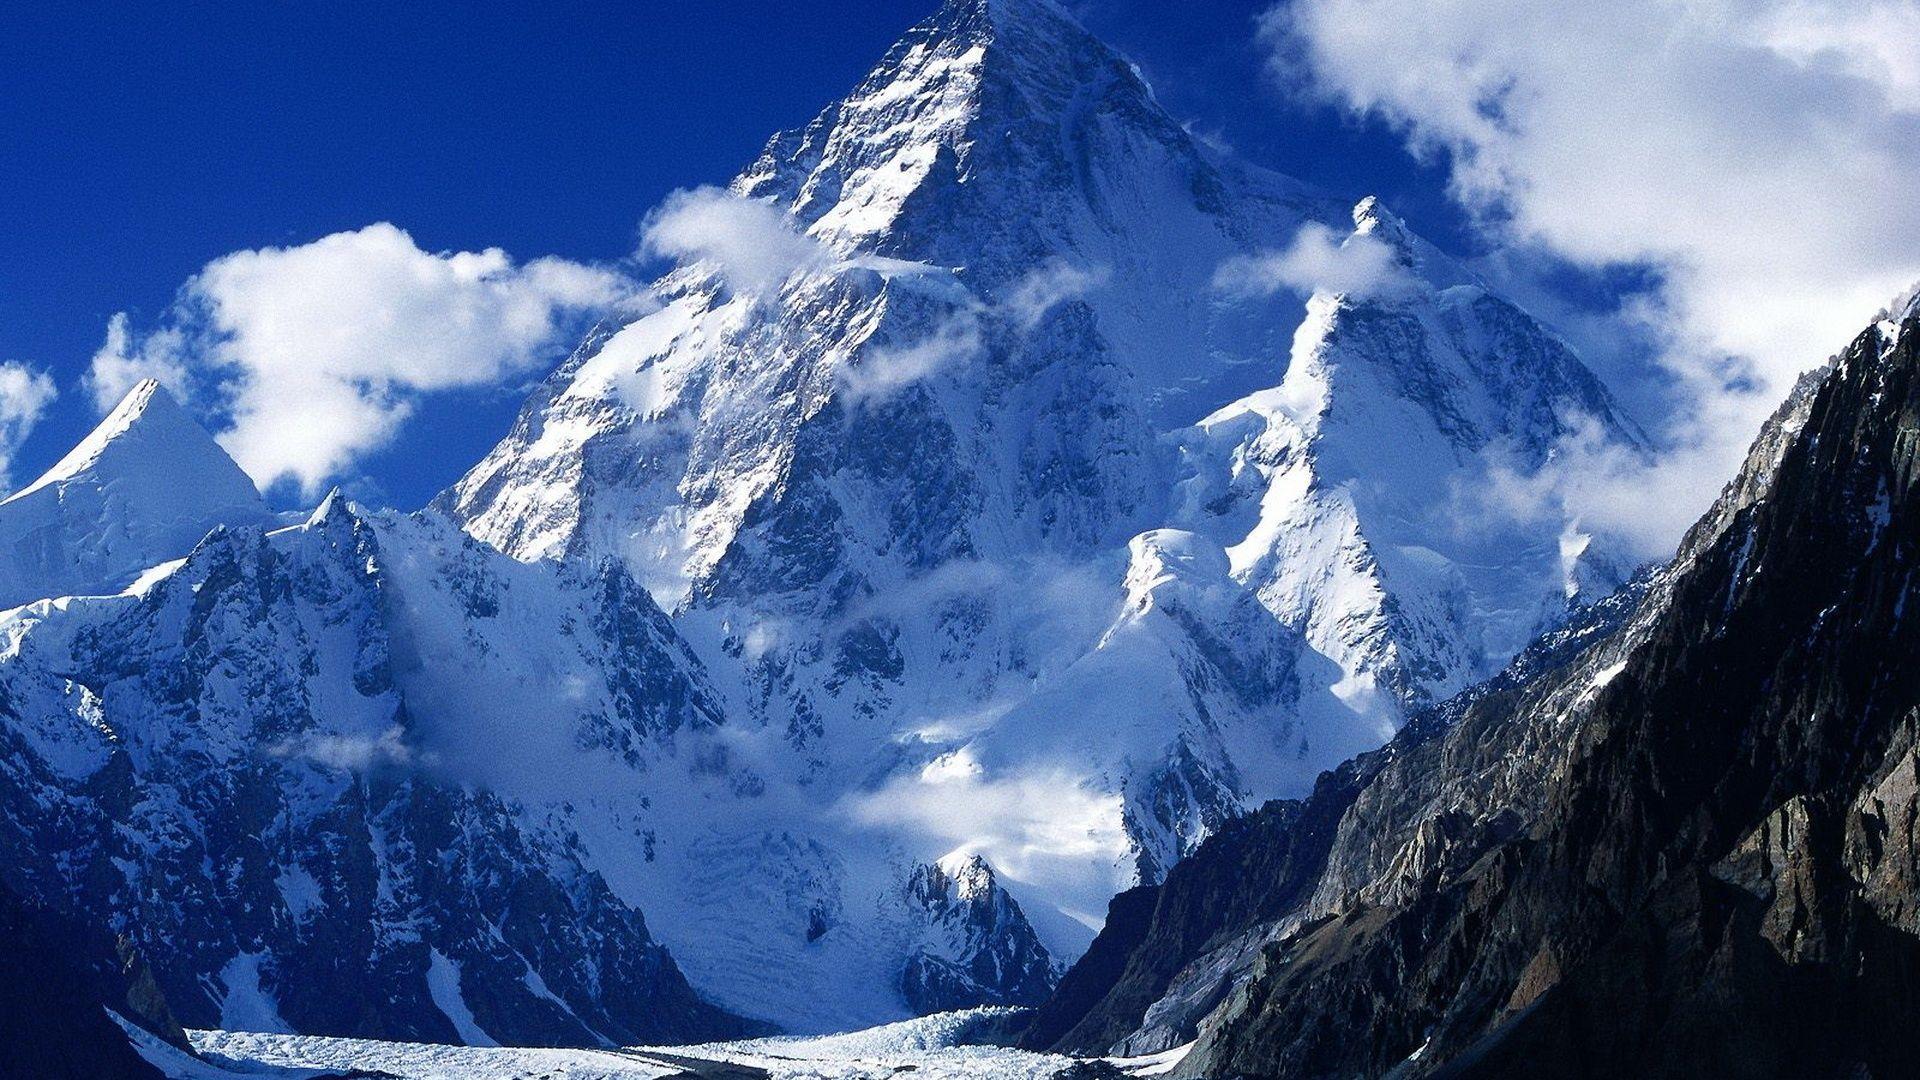 1920x1080 Hình nền núi xanh miễn phí, Hình nền núi.  Hình nền HD Lên trên